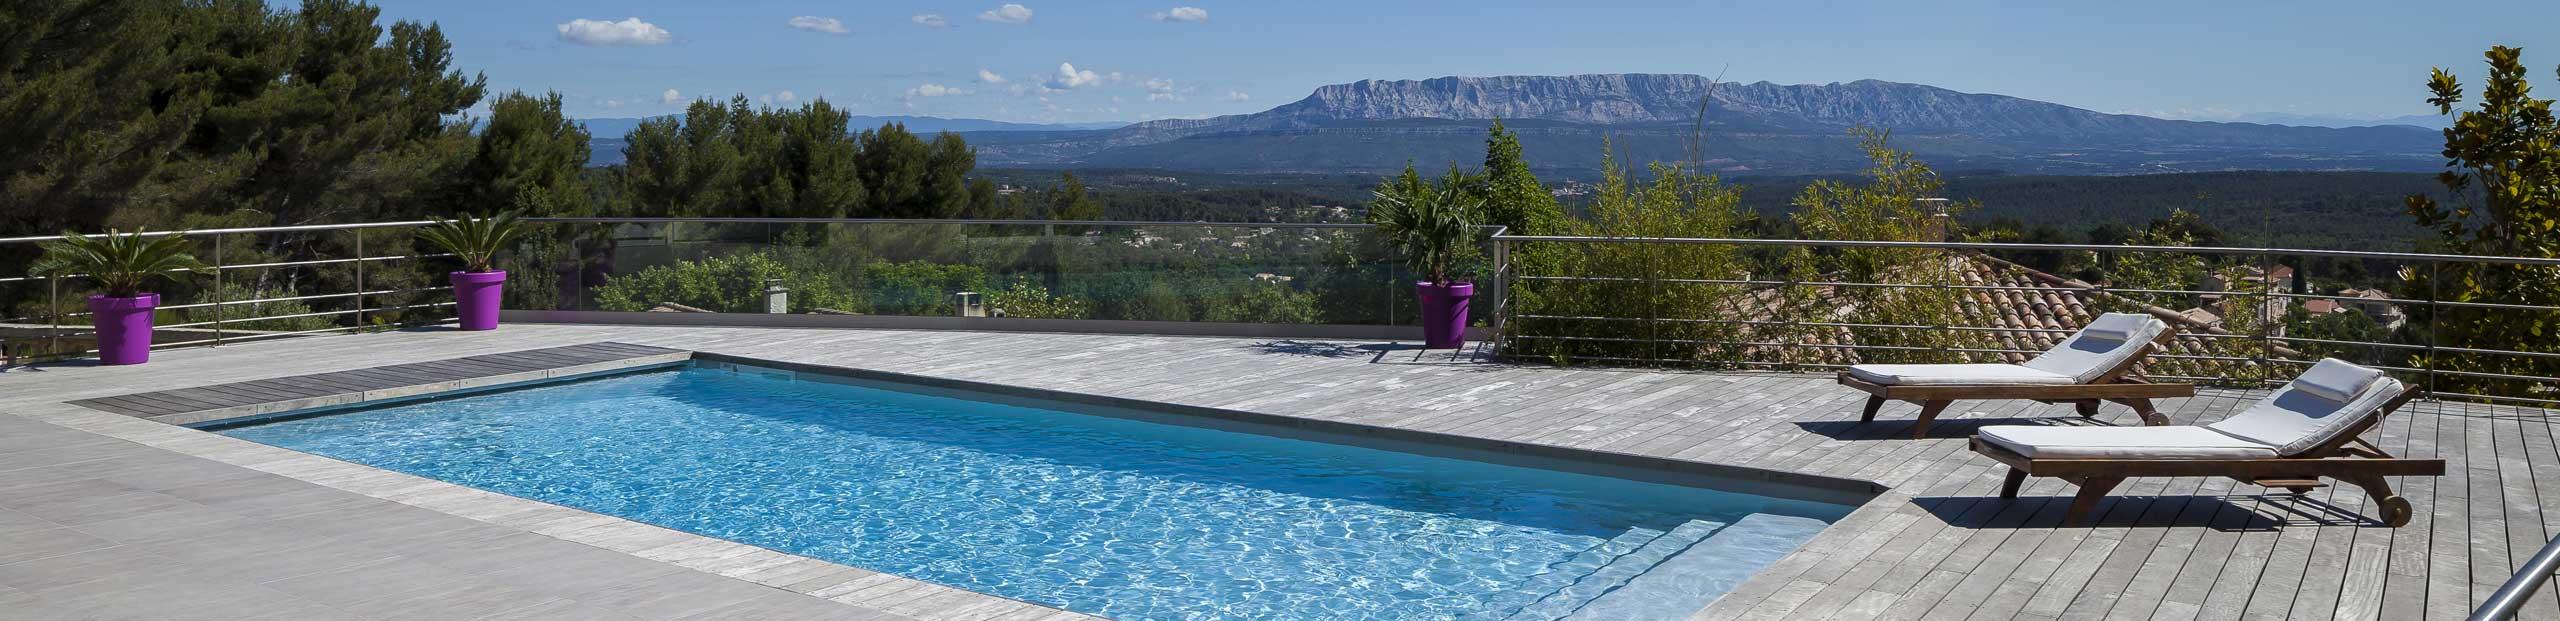 Le coût réel d'une piscine : vous allez y voir plus clair